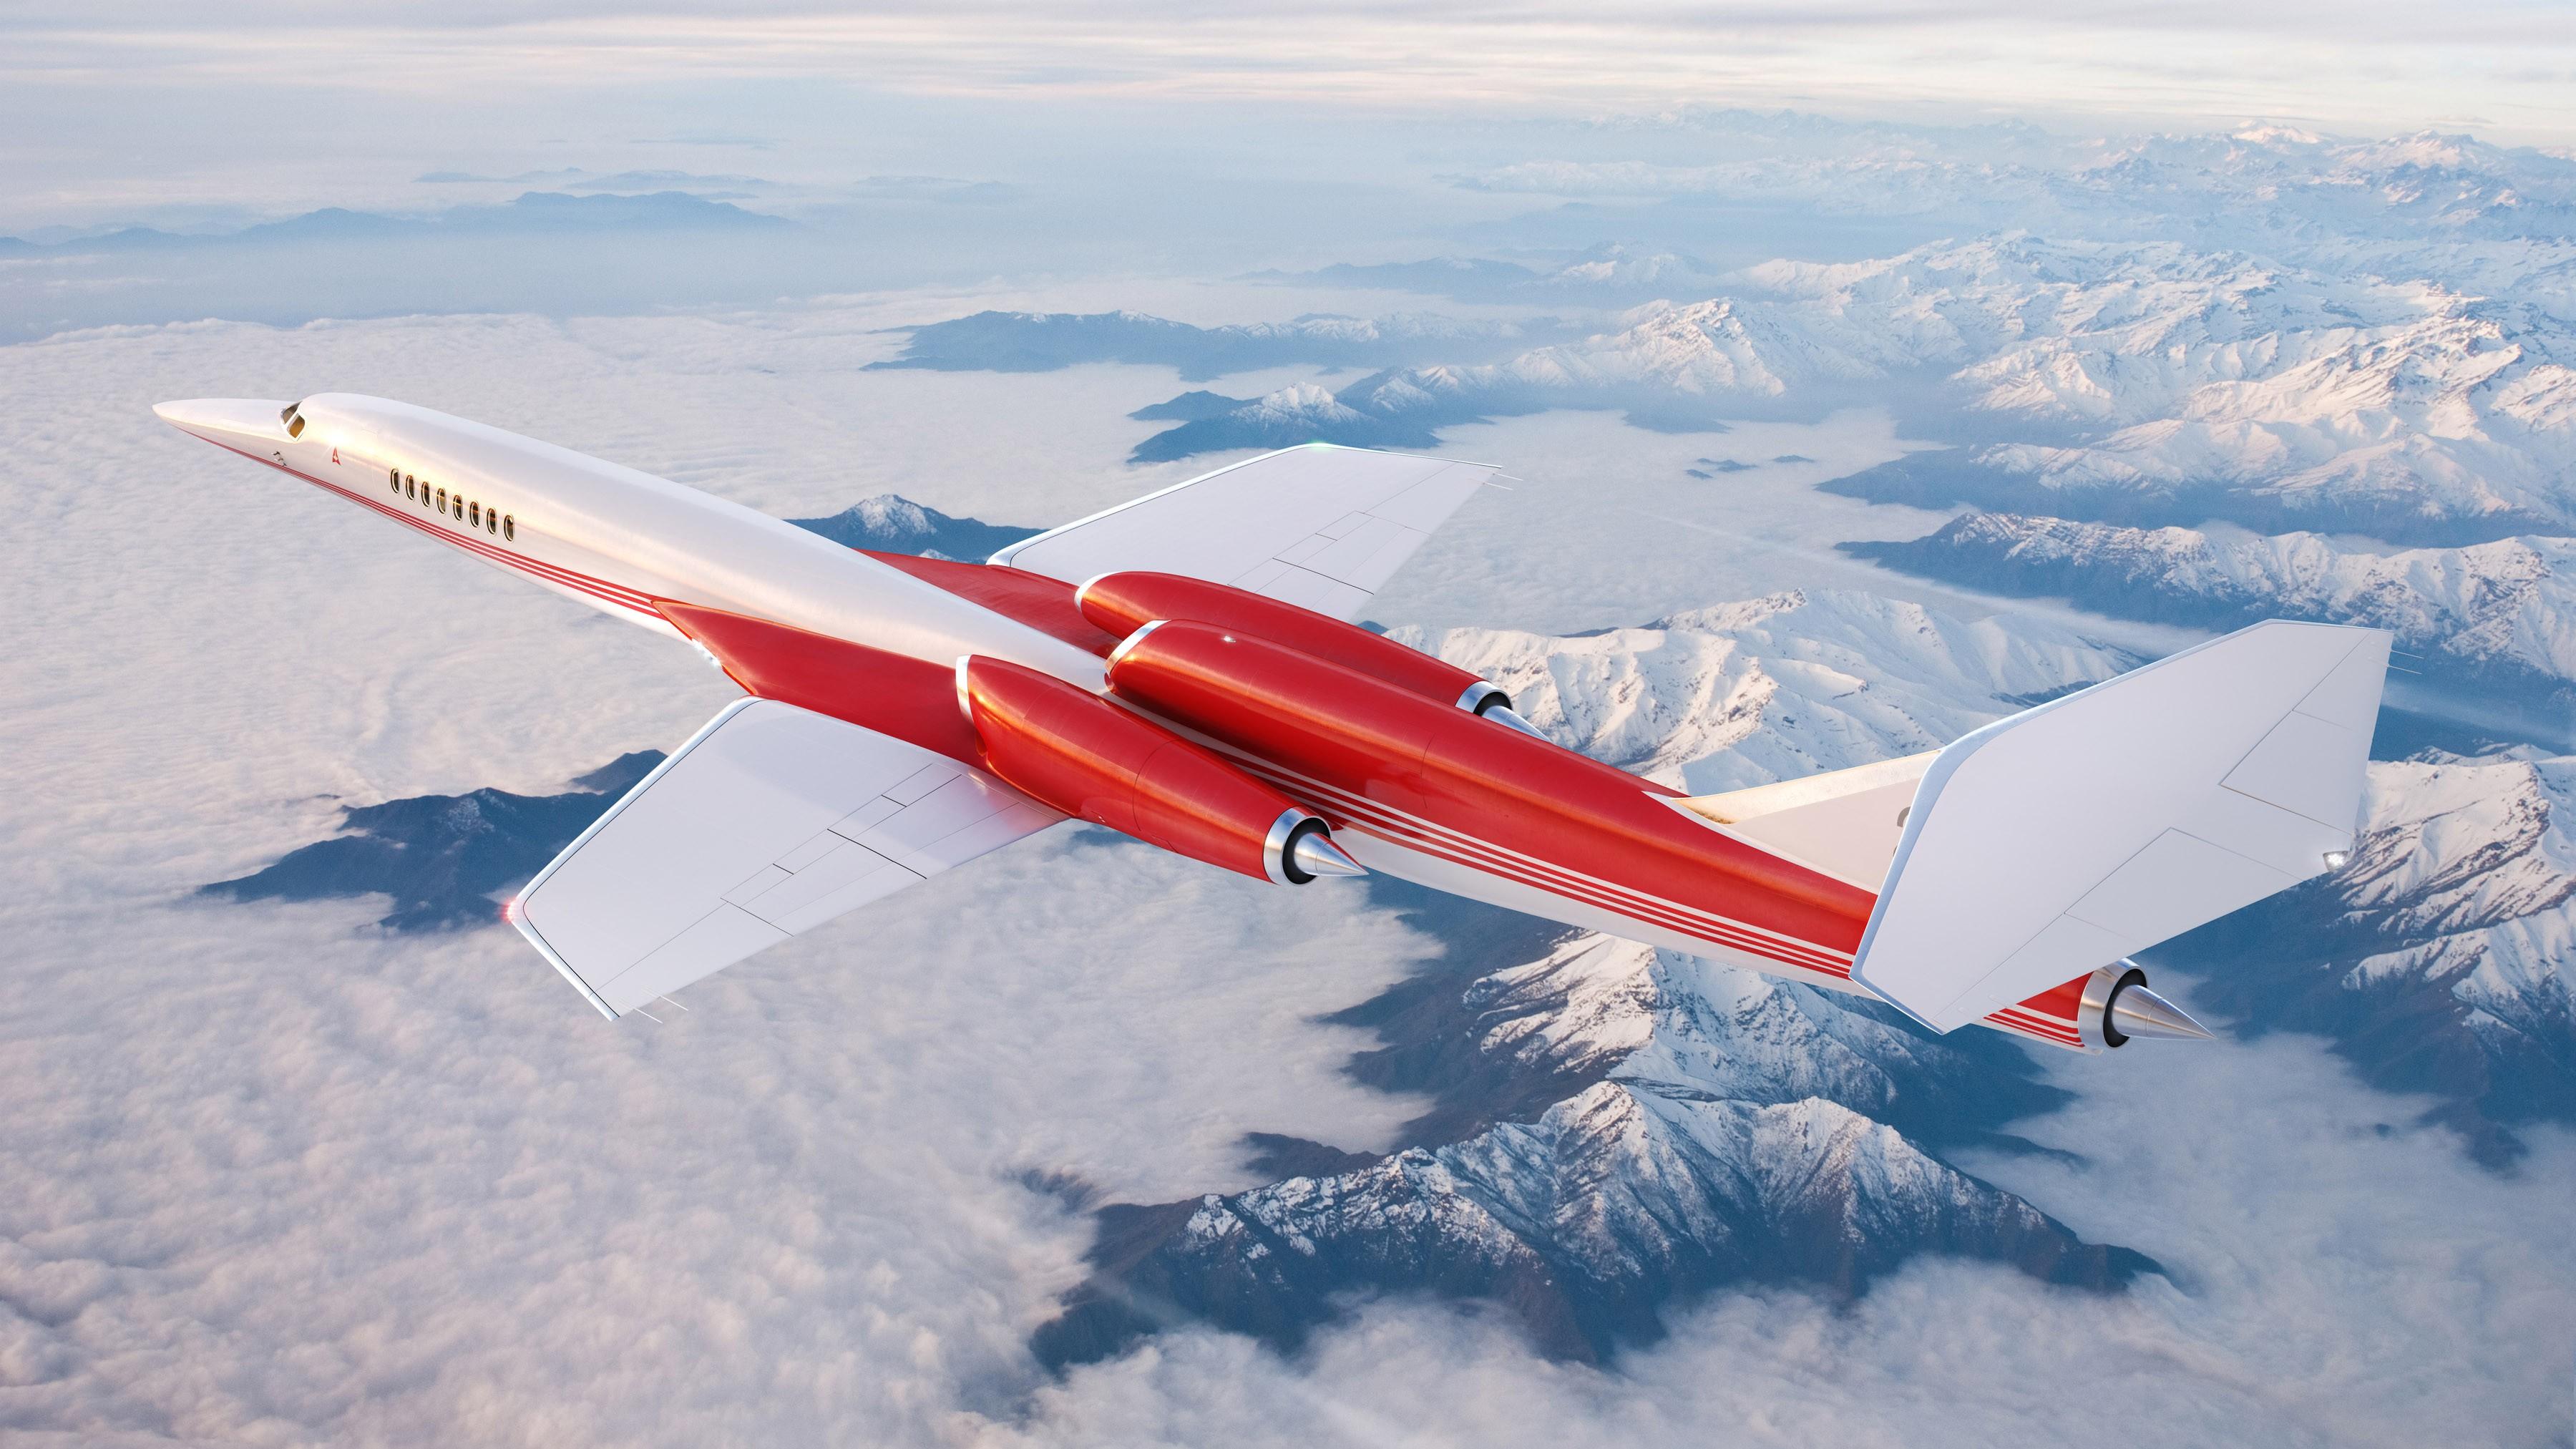 全球首架超音速私人飞机